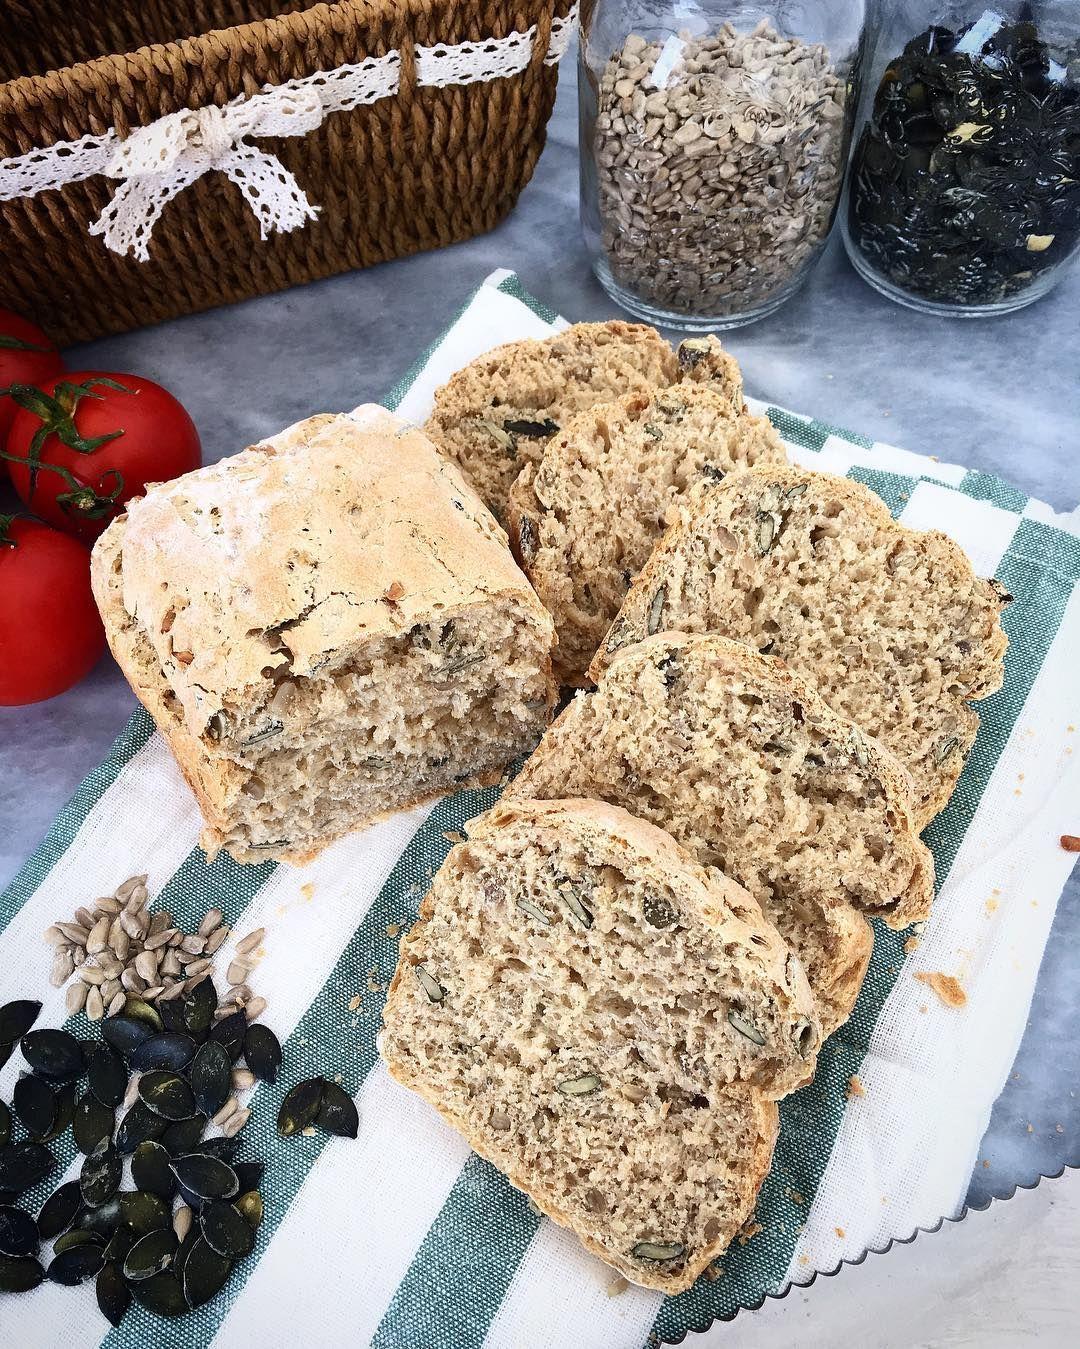 """En güzel mutfak paylaşımları için kanalımıza abone olunuz. http://www.kadinika.com Ön mayasız çekirdekli tam buğday unlu ekmekler Tarifini akşama koyarım  Bu ekmekleri sevgili """"evinde ekmek yapma gurusu"""" @damdadammm cığıma ithaf ederken sözlerimi Dostoyevski'nin Suç ve Ceza'sından şu alıntıyla tamamlamak isterim: """"Yoksa insanın bir bit olup olmadığını sorarken benim için onun bir bit olmadığını oysa böyle bir şeyi aklının ucundan bile geçirmeyenler için bunu kendi kendilerine sormayanlar…"""